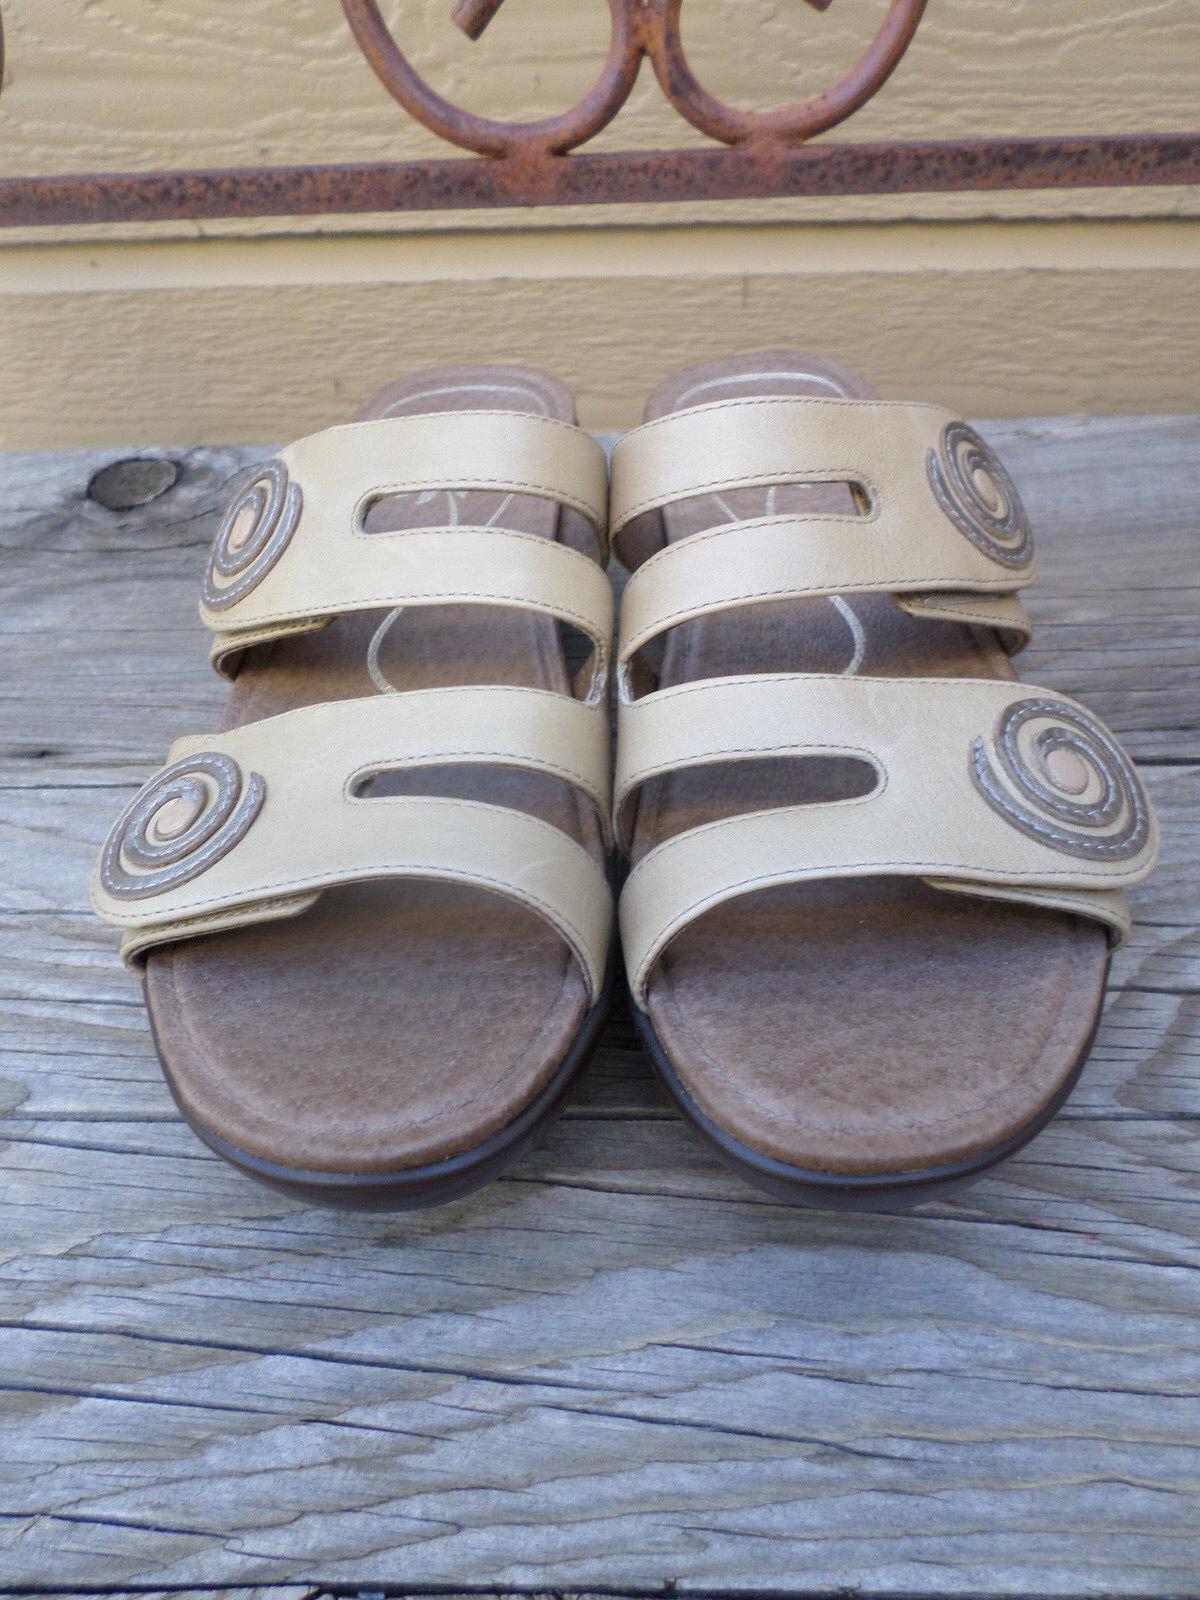 Dansko Tan Leather Sandals Women's 37    6.5-7